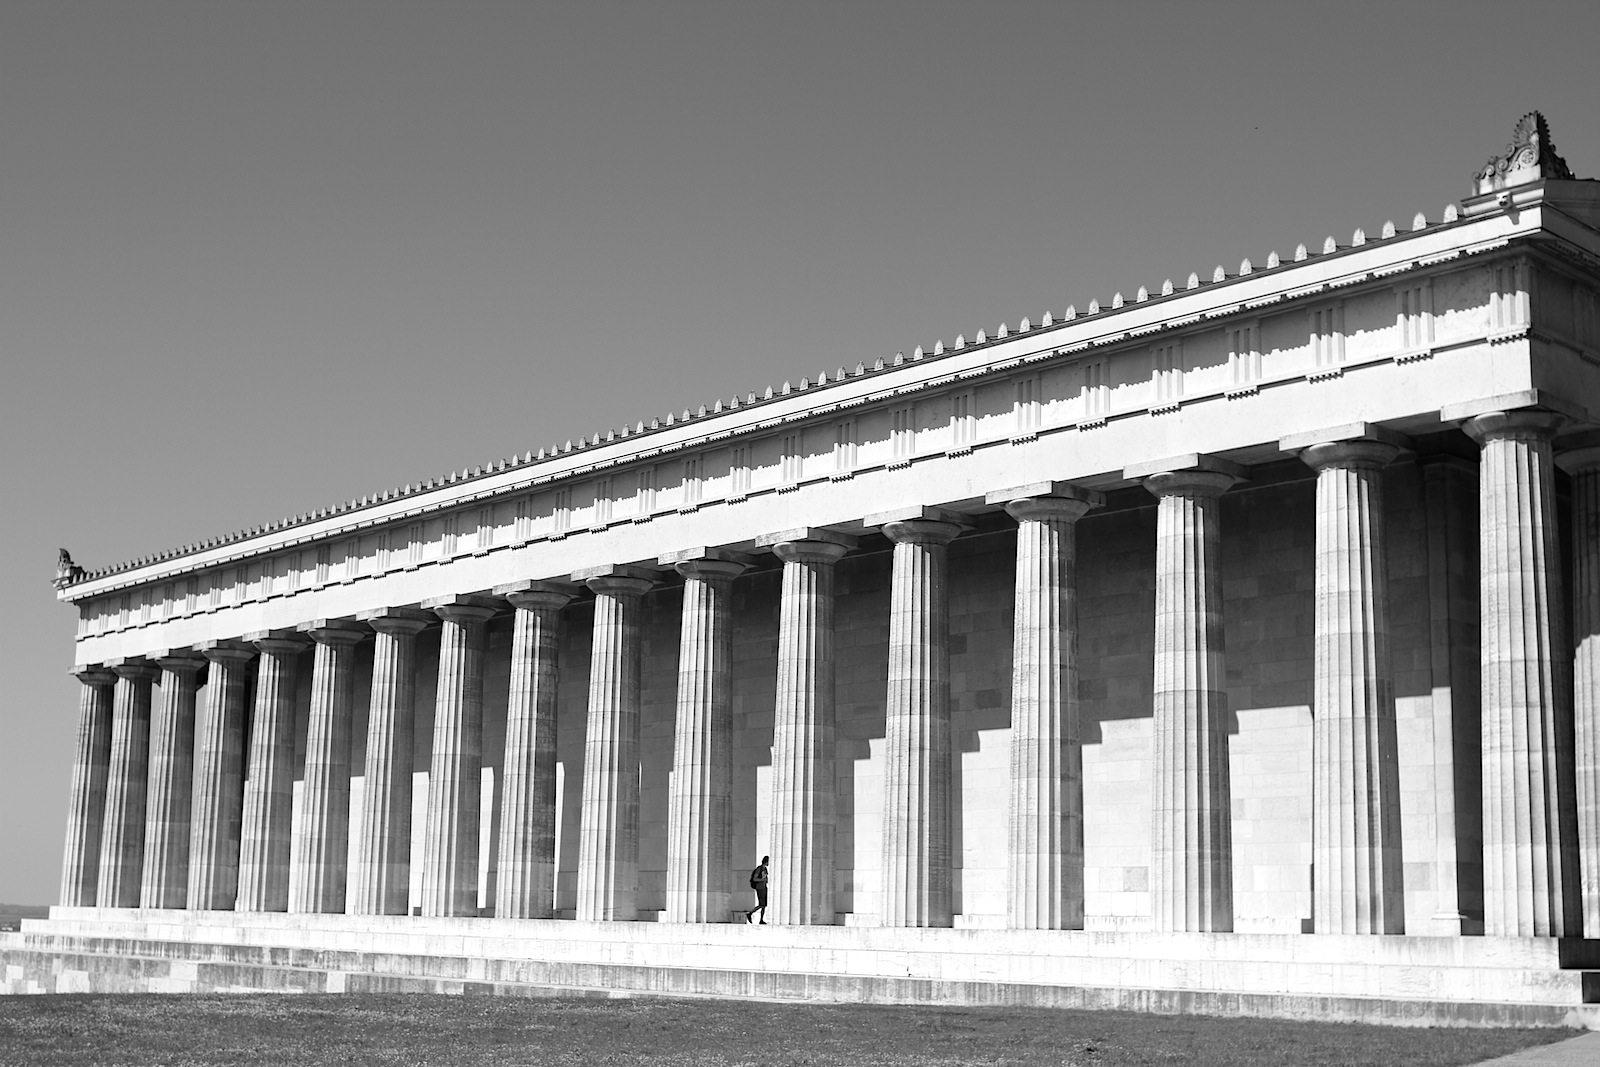 Symmetrie. Die Walhalla ist ein beliebtes Reiseziel und Stätte der Erinnerung. Sie wurde von 1830 bis 1842 errichtet.